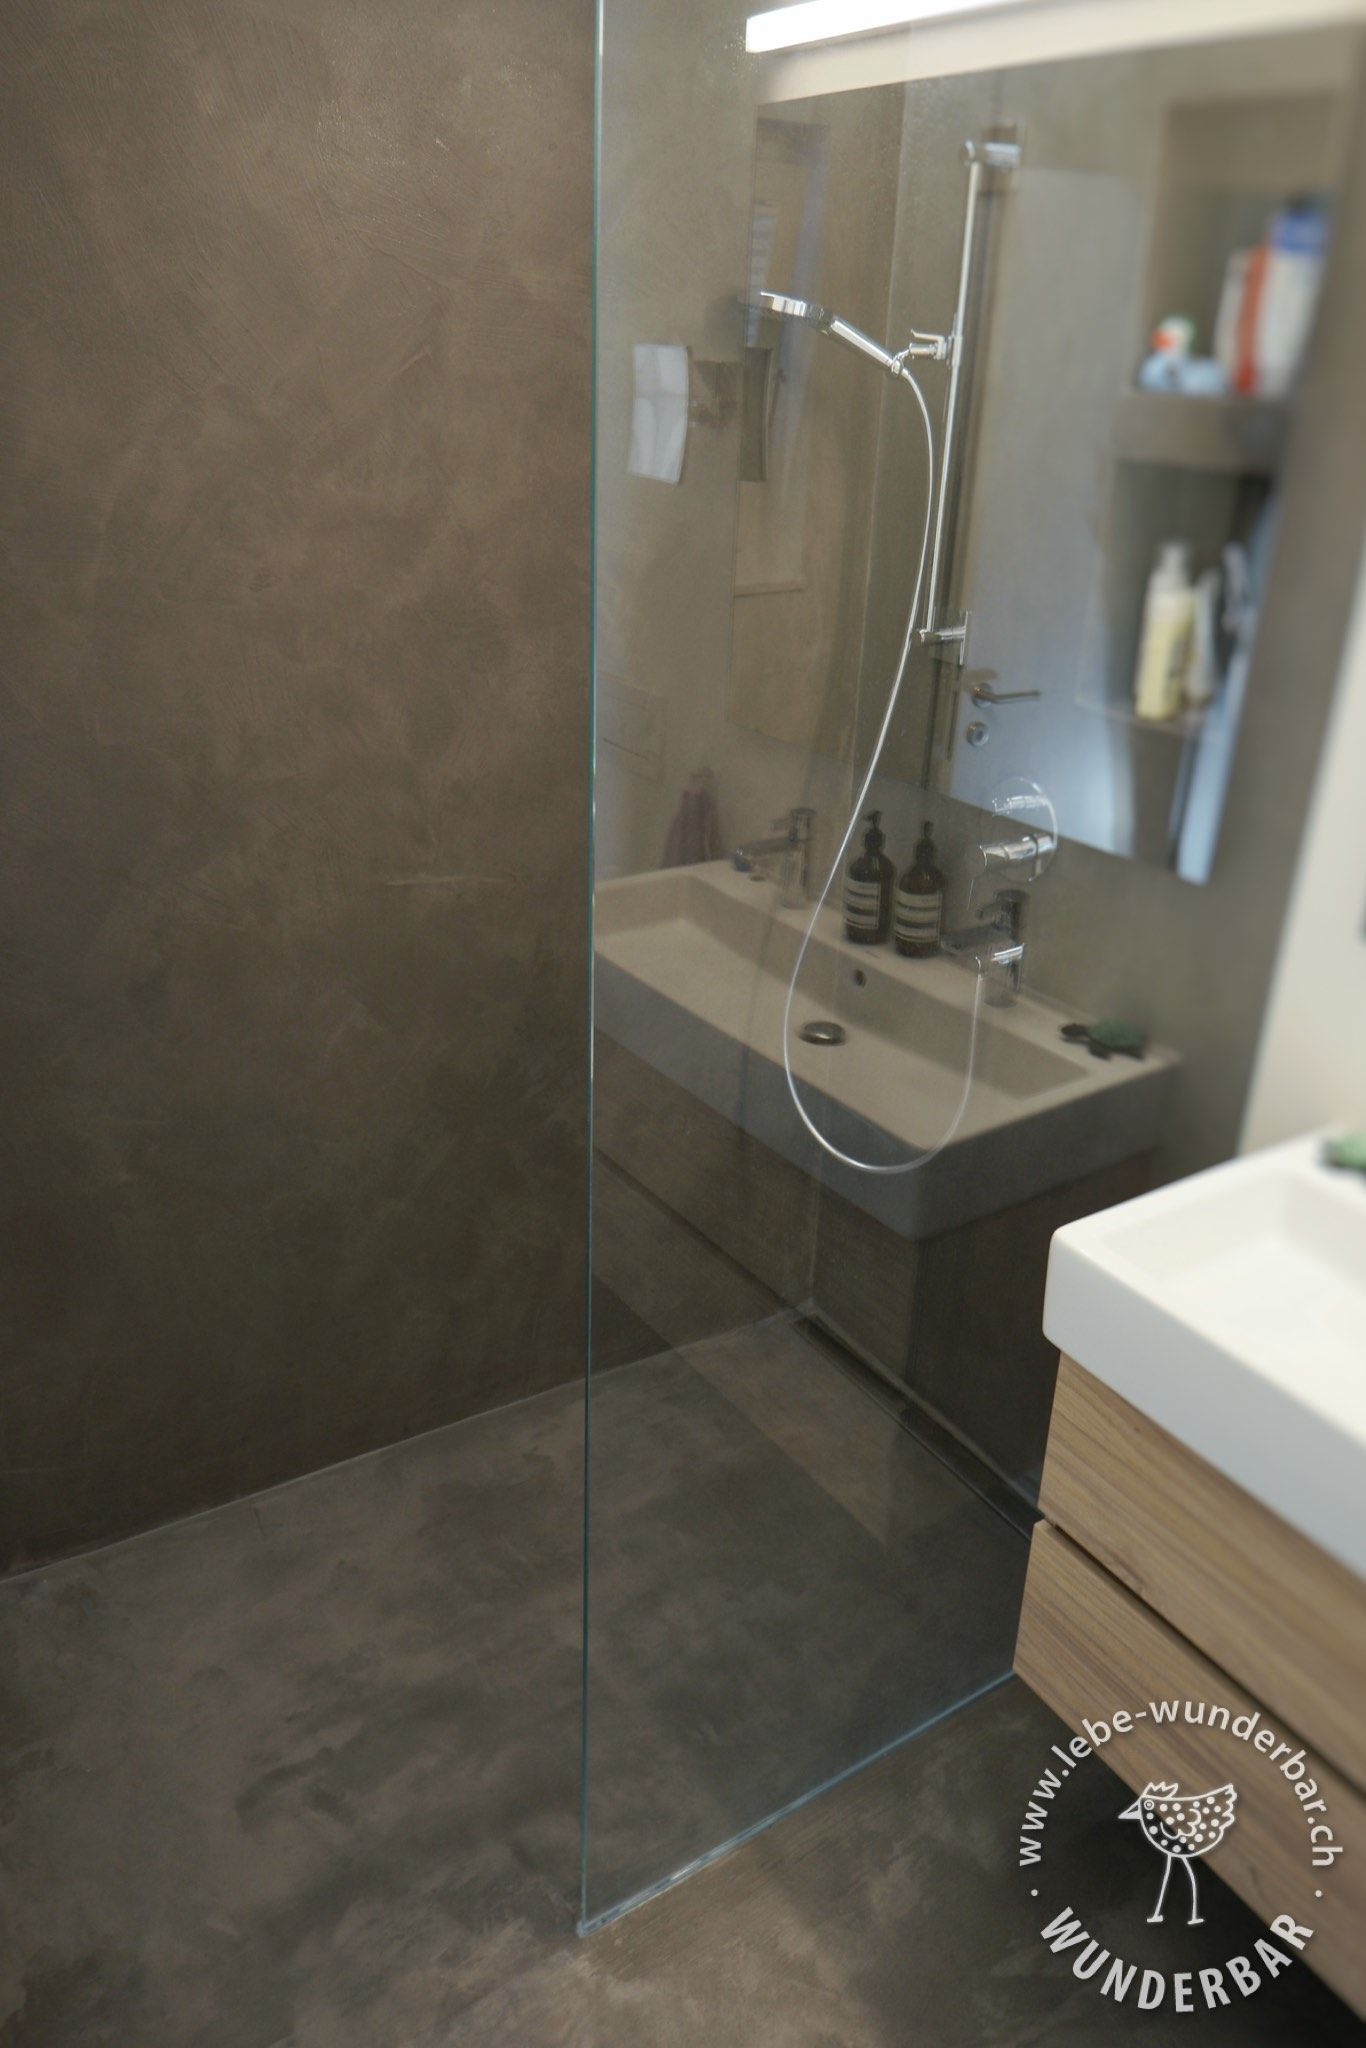 Full Size of Sprinz Duschen Kaufen Kosten Neue Fenster Begehbare Dusche Bluetooth Lautsprecher Ikea Küche Bad Fliesen Glastrennwand Nischentür Schulte Dusche Ebenerdige Dusche Kosten